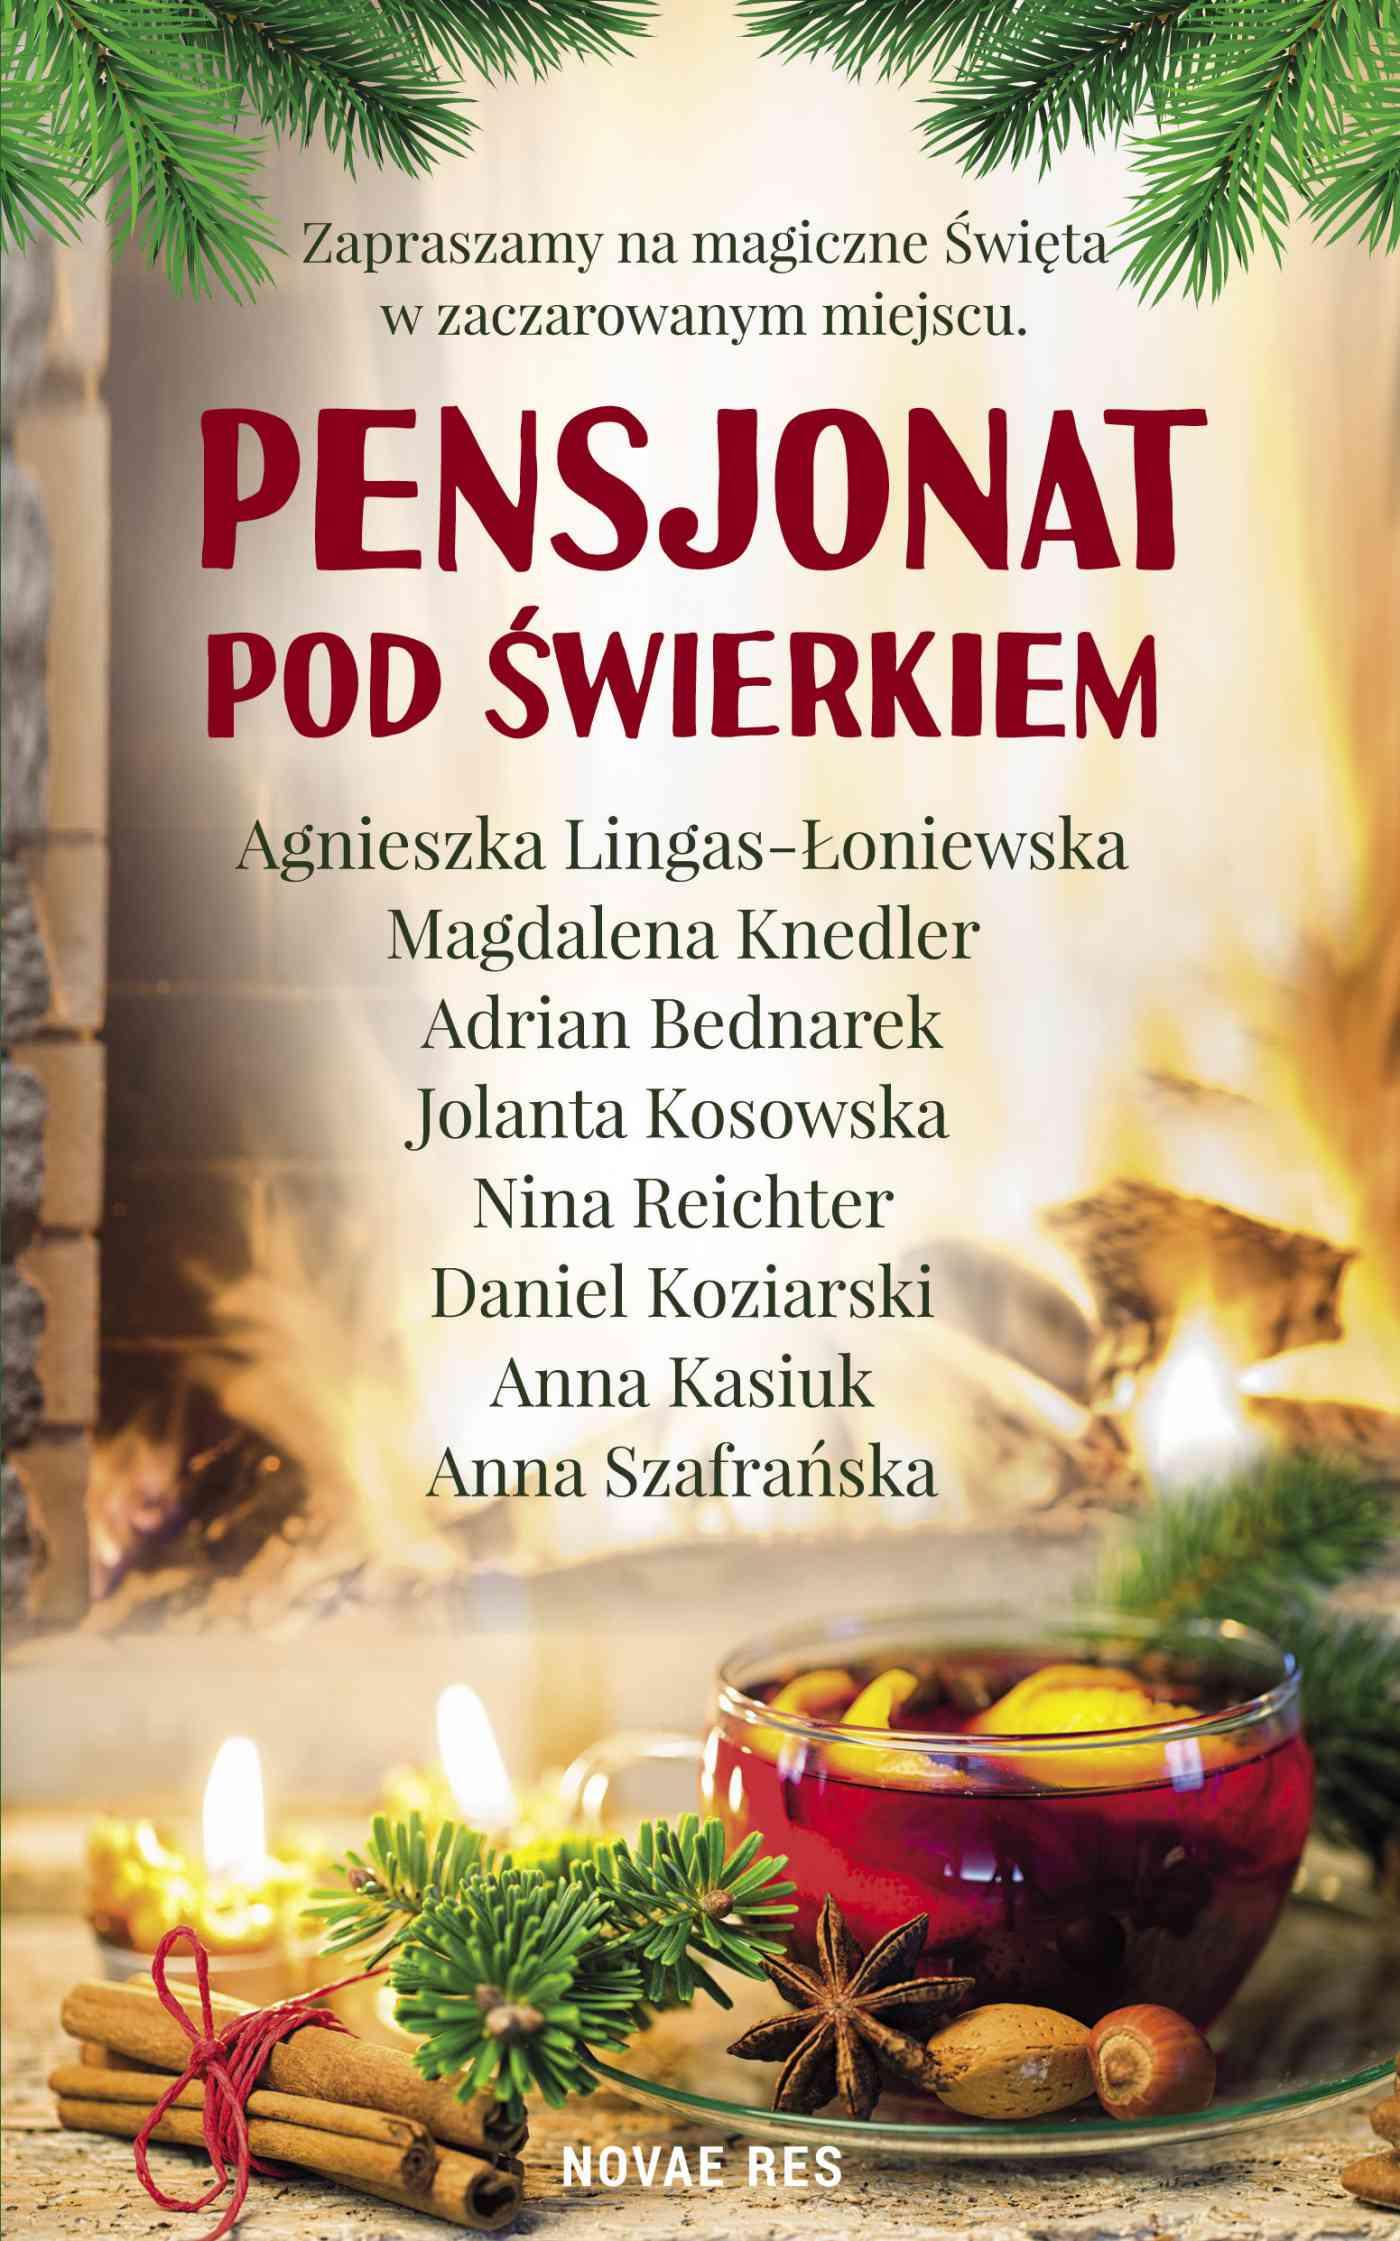 Pensjonat pod świerkiem - Ebook (Książka EPUB) do pobrania w formacie EPUB